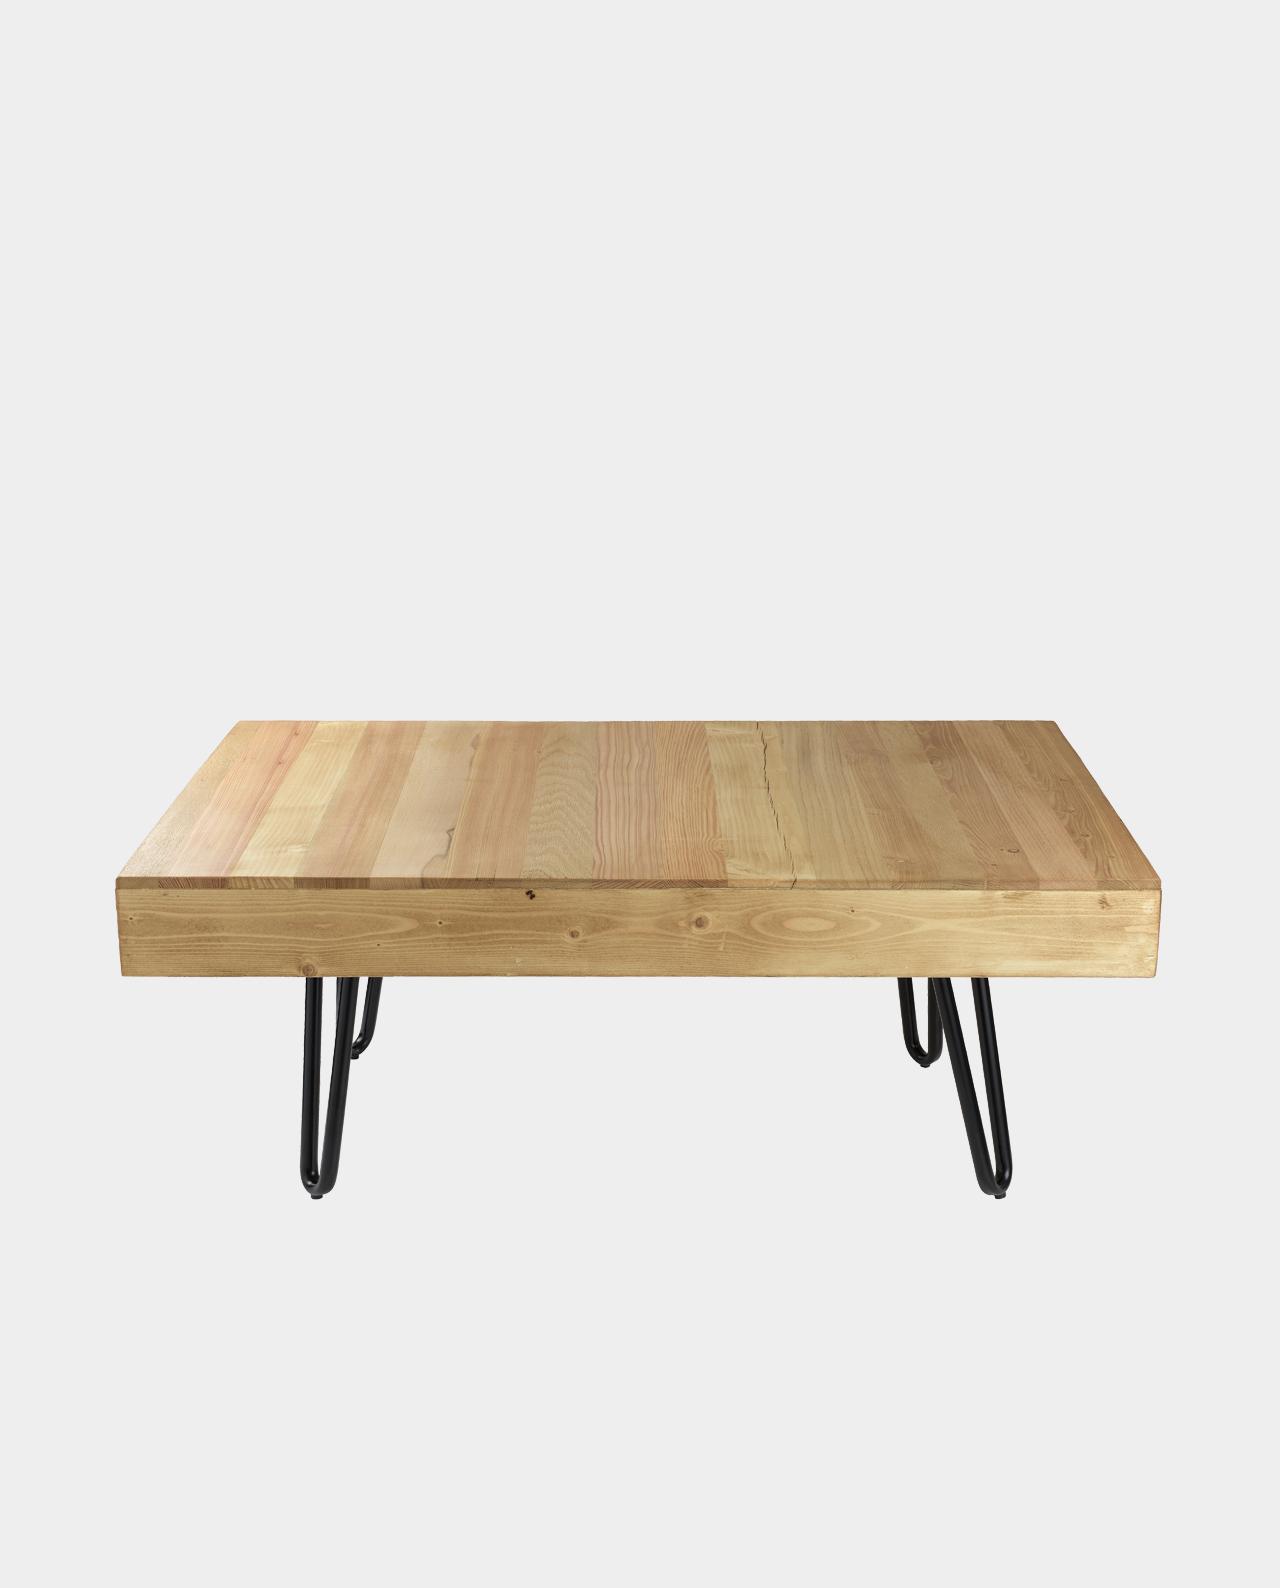 massivholz couchtisch baumstamm metallgestell. Black Bedroom Furniture Sets. Home Design Ideas